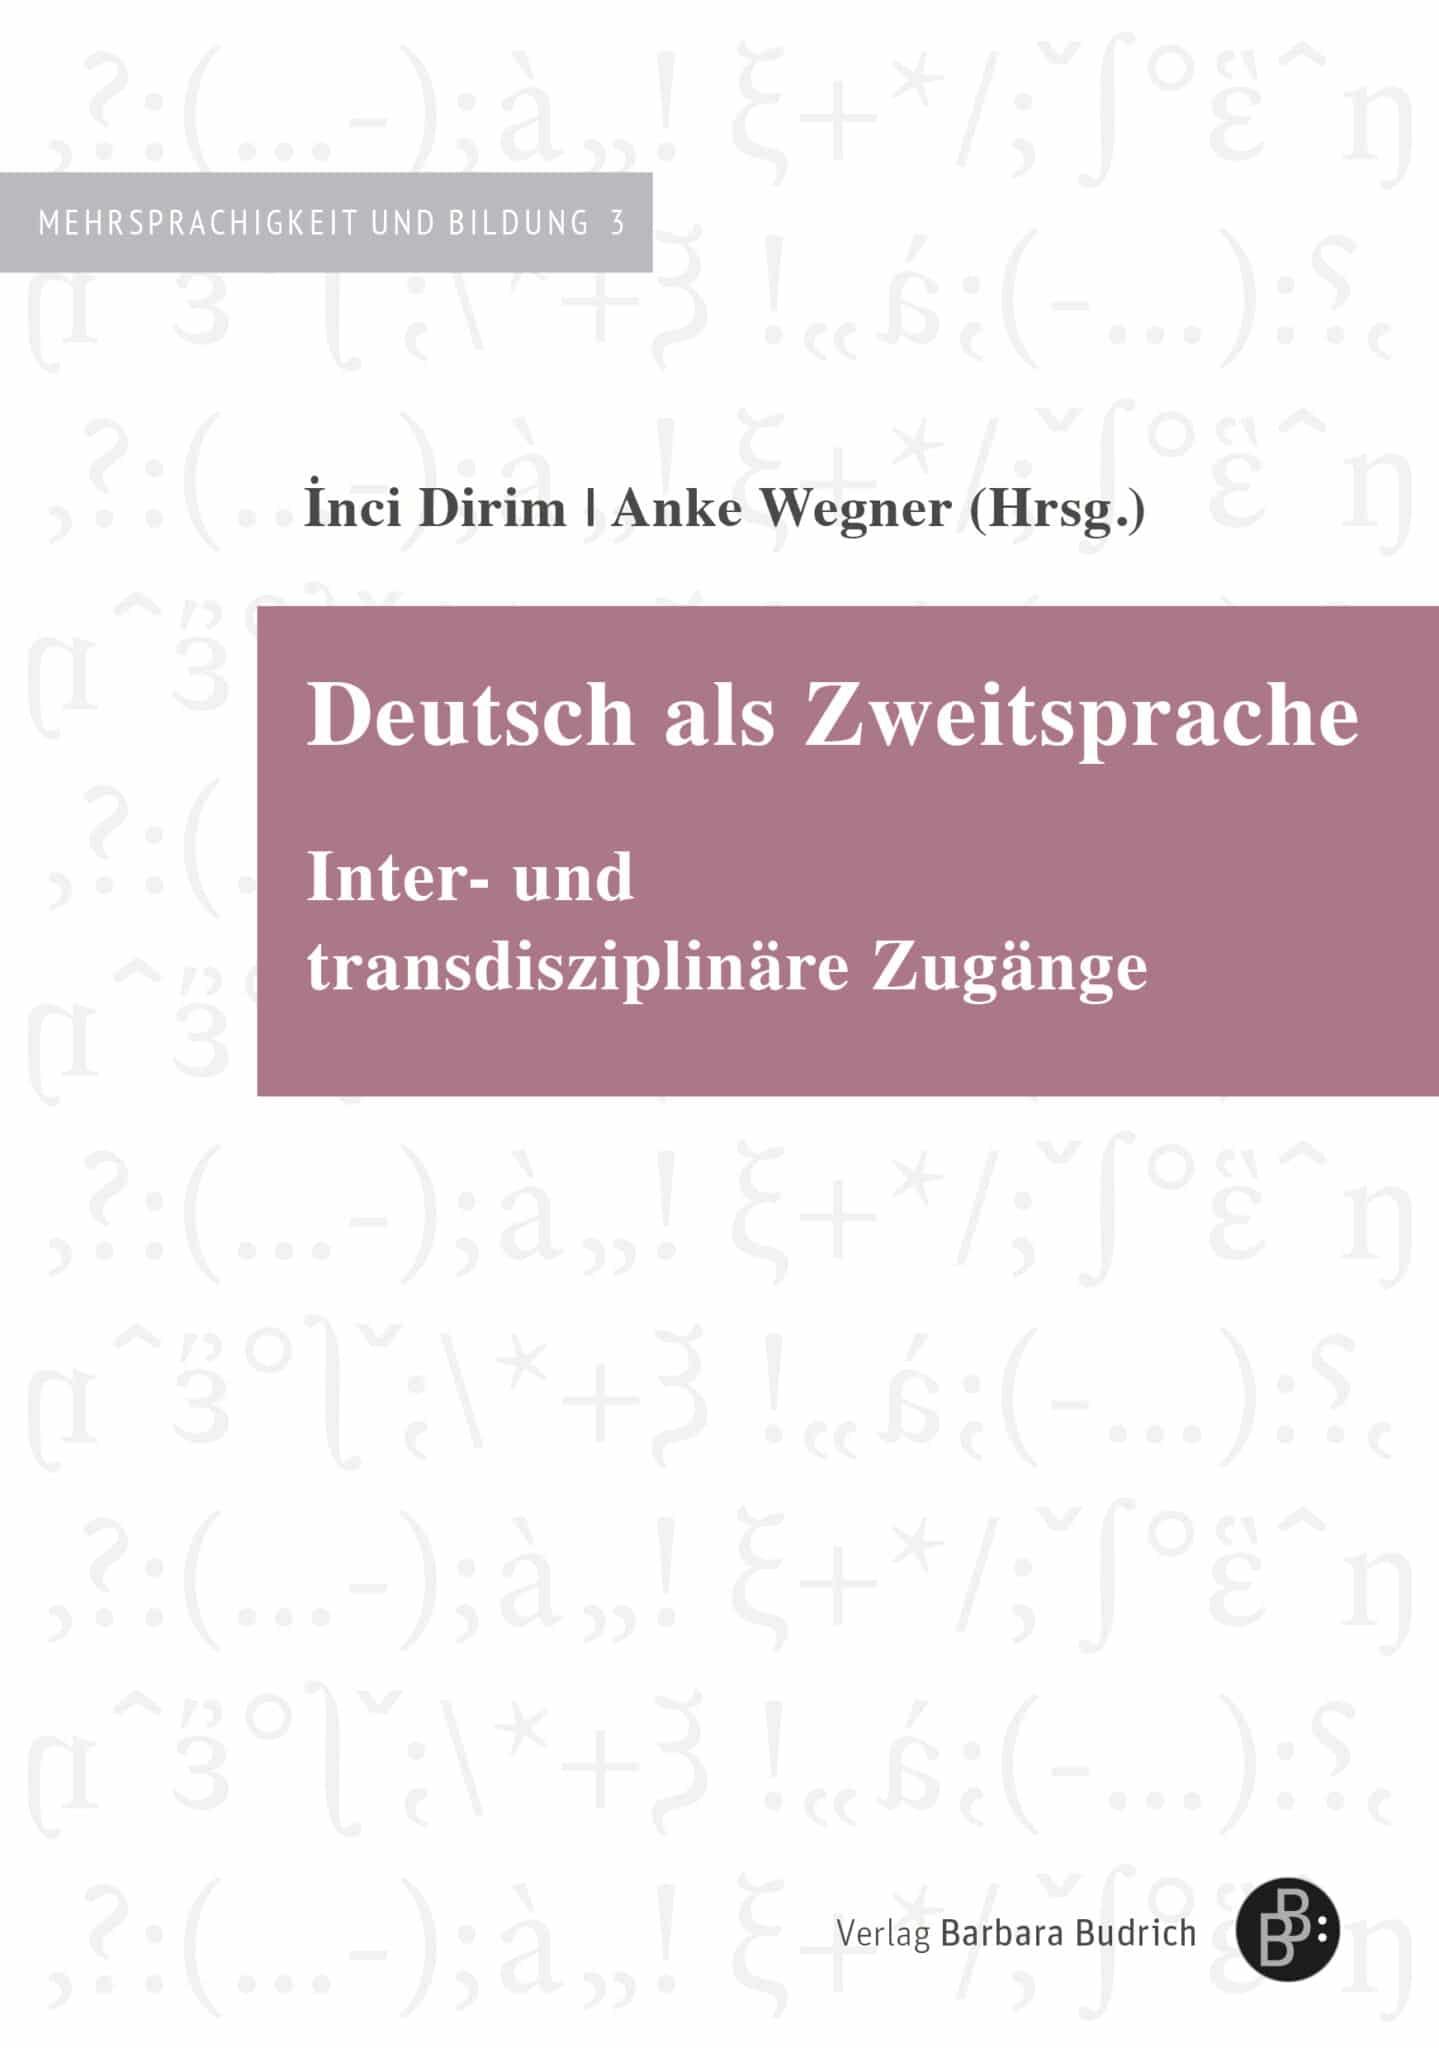 Dirim/Wegner (Hrsg.): Deutsch als Zweitsprache. Inter- und transdisziplinäre Zugängel ISBN: 978-3-8474-2379-9. Verlag Barbara Budrich.